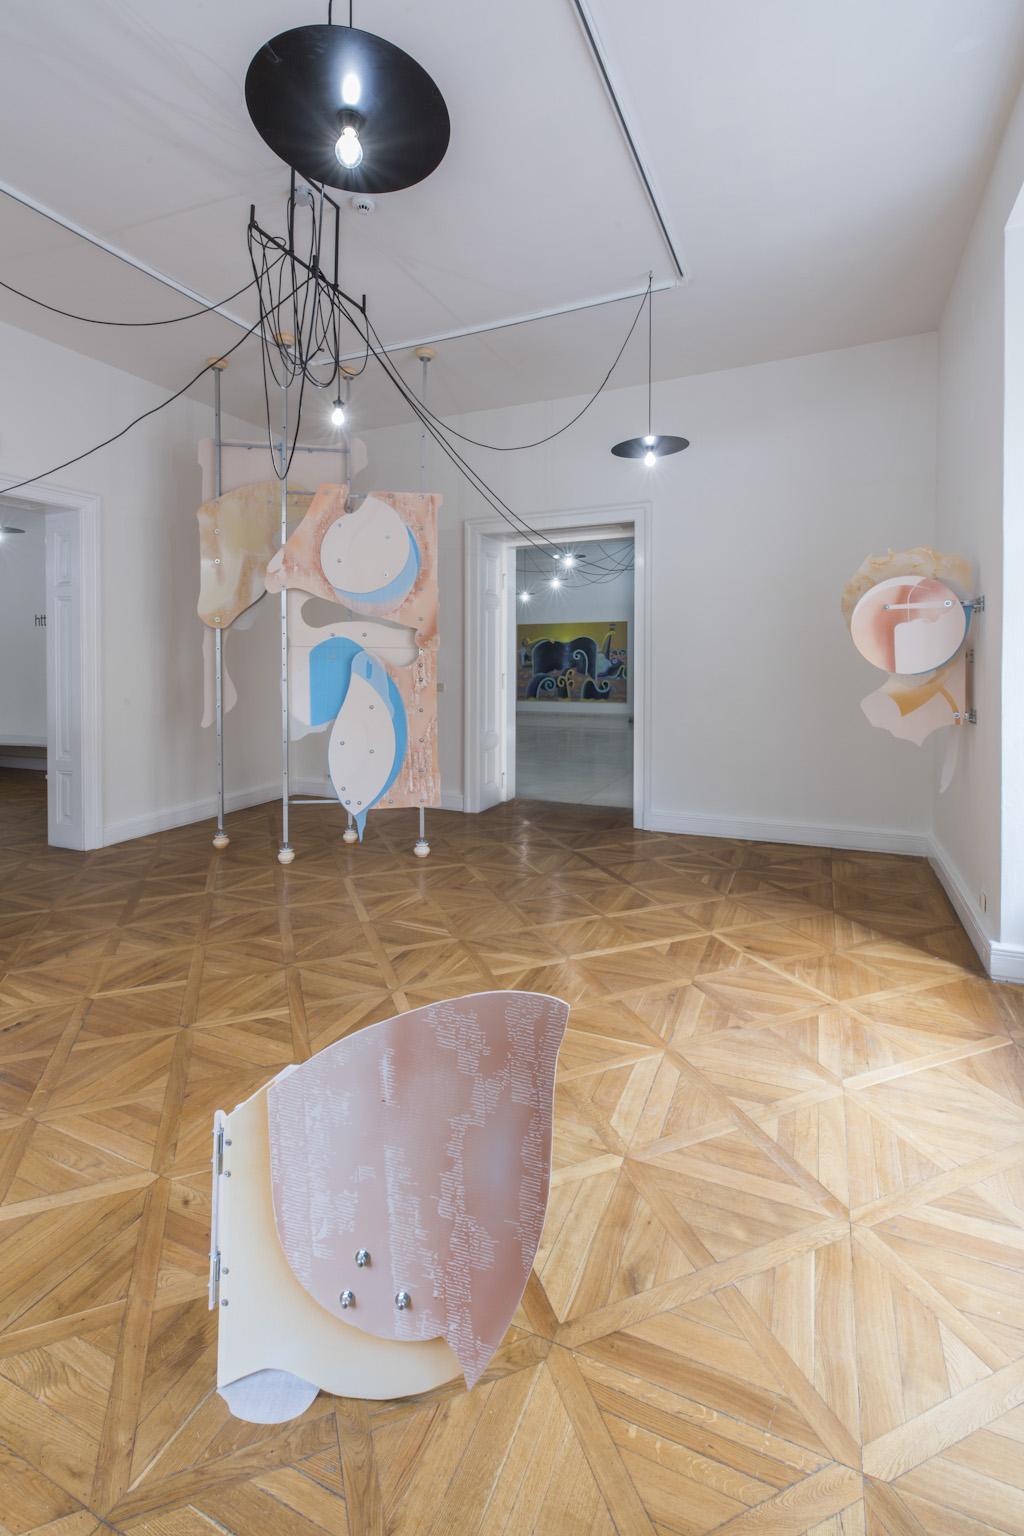 Výstava finalistů 30. Ceny Jindřicha Chalupeckého